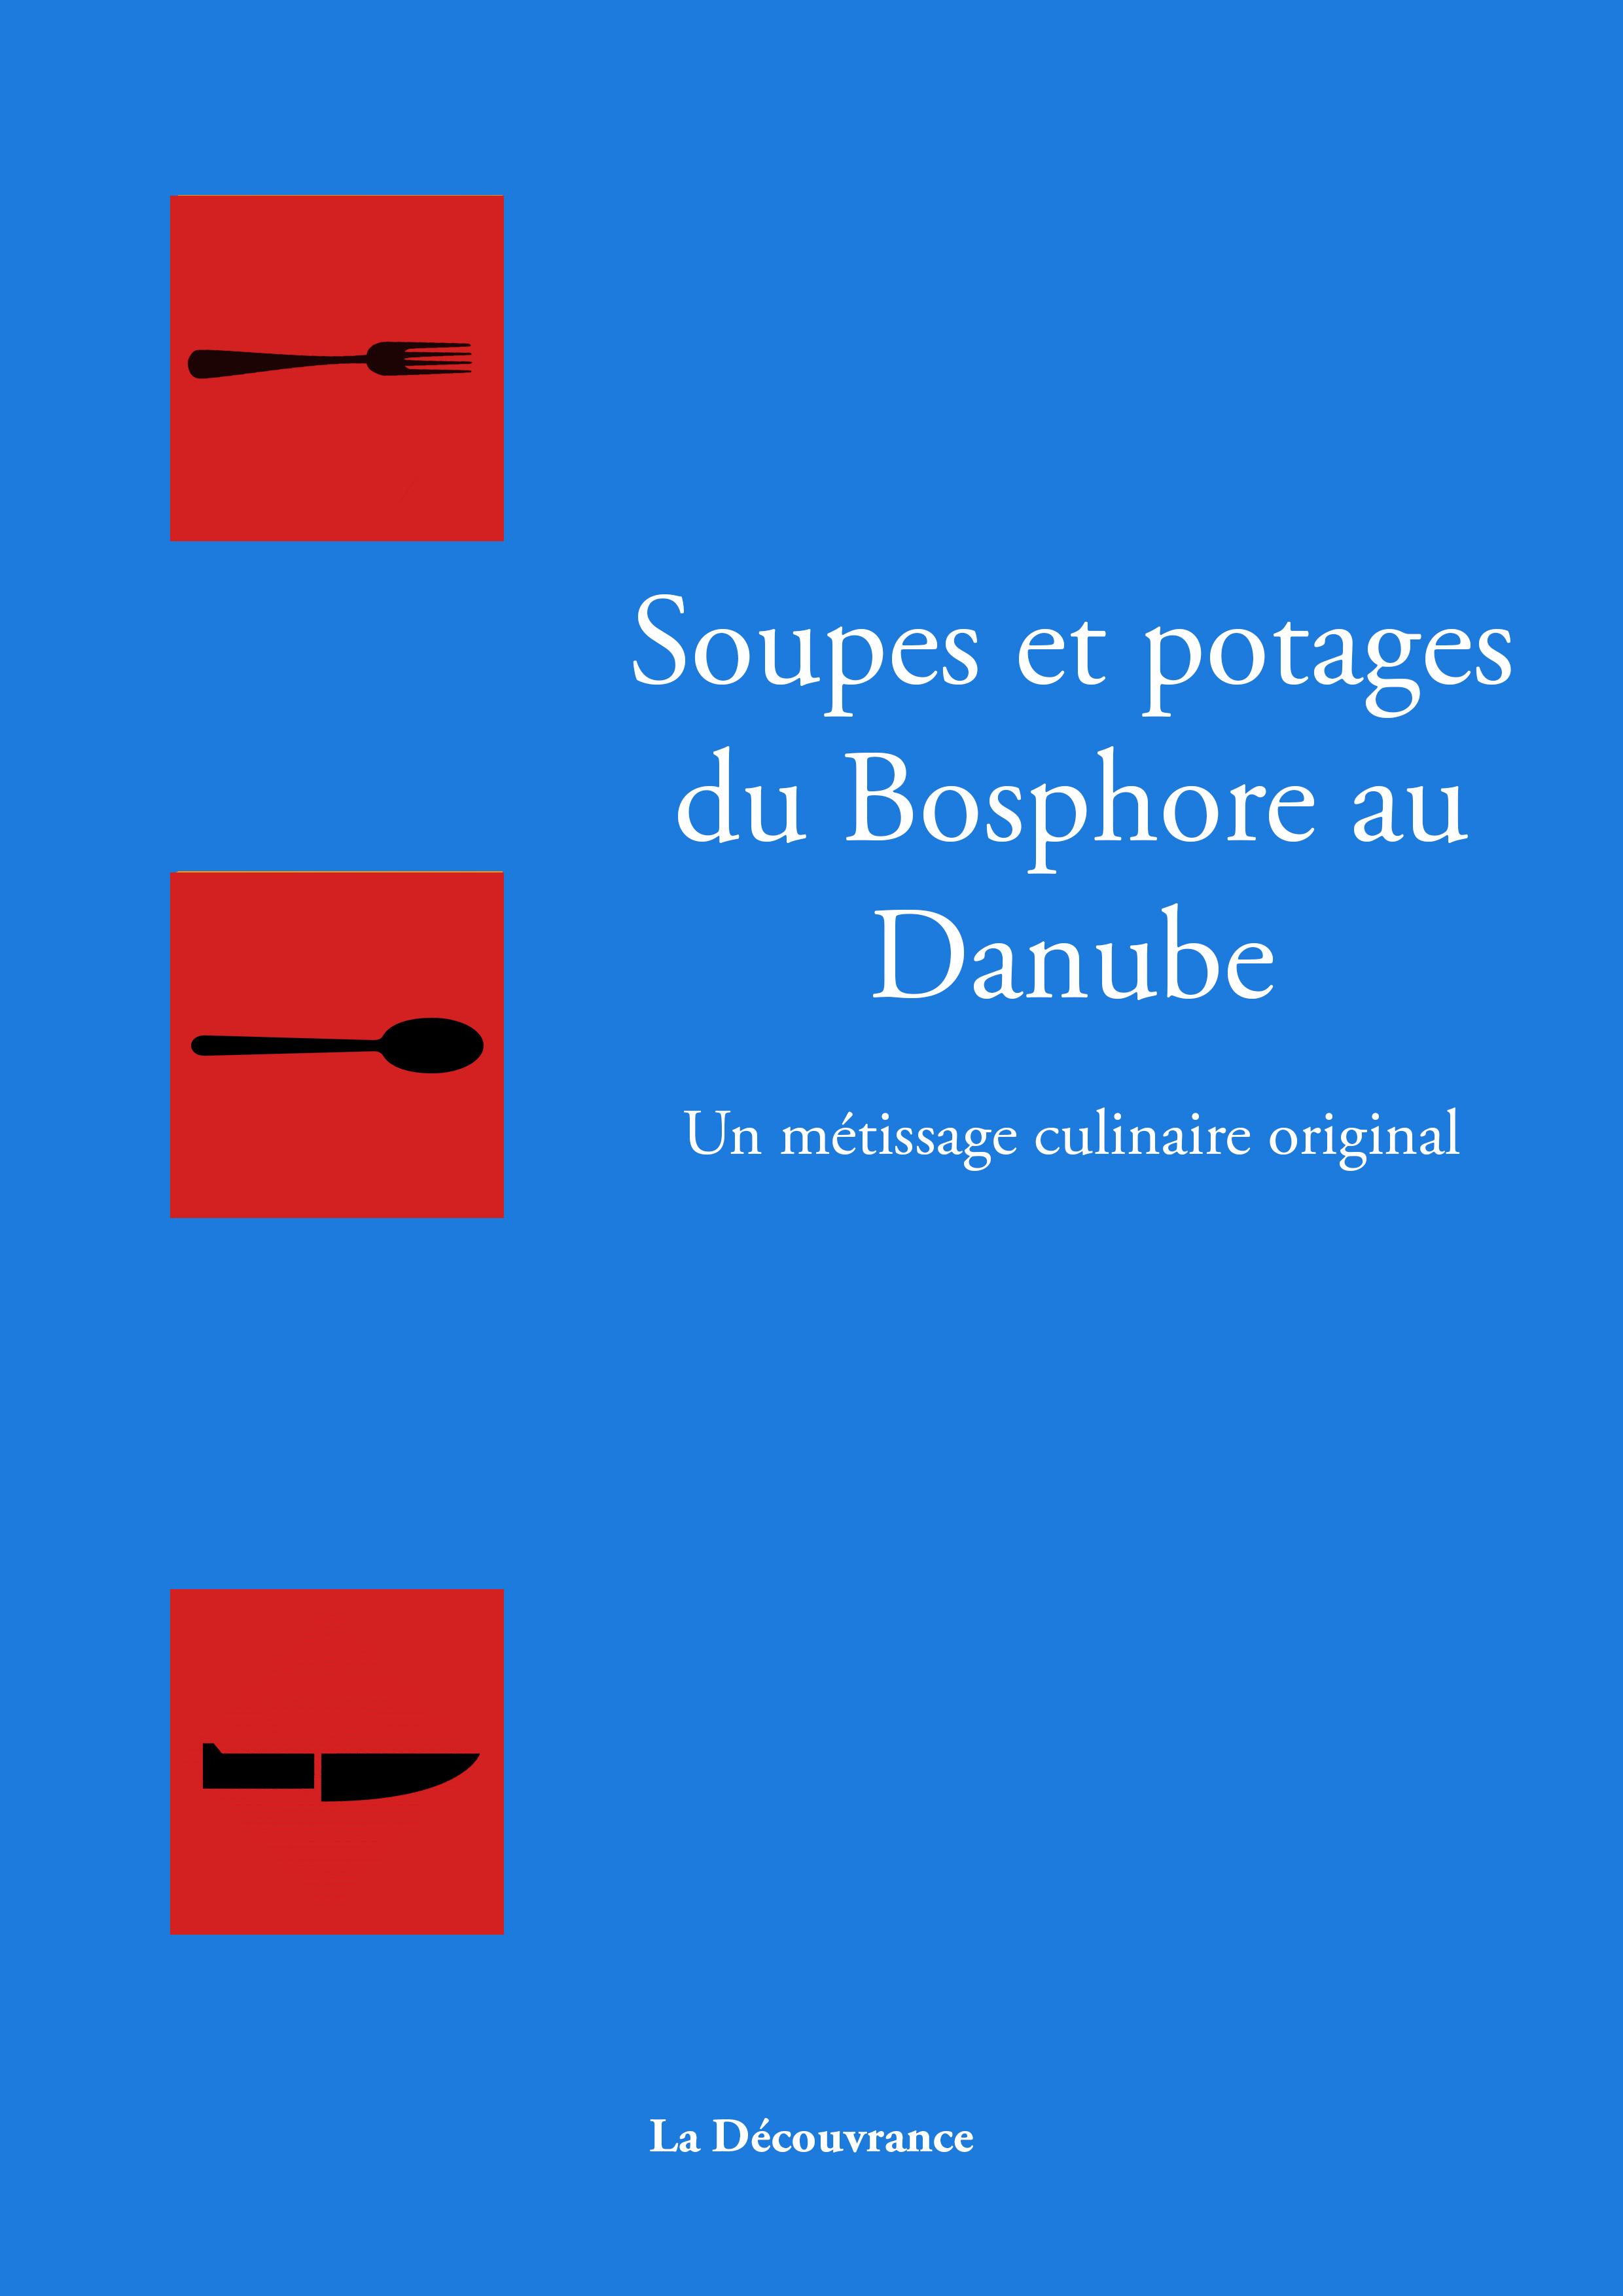 Soupes et potages du Bosphore au Danube